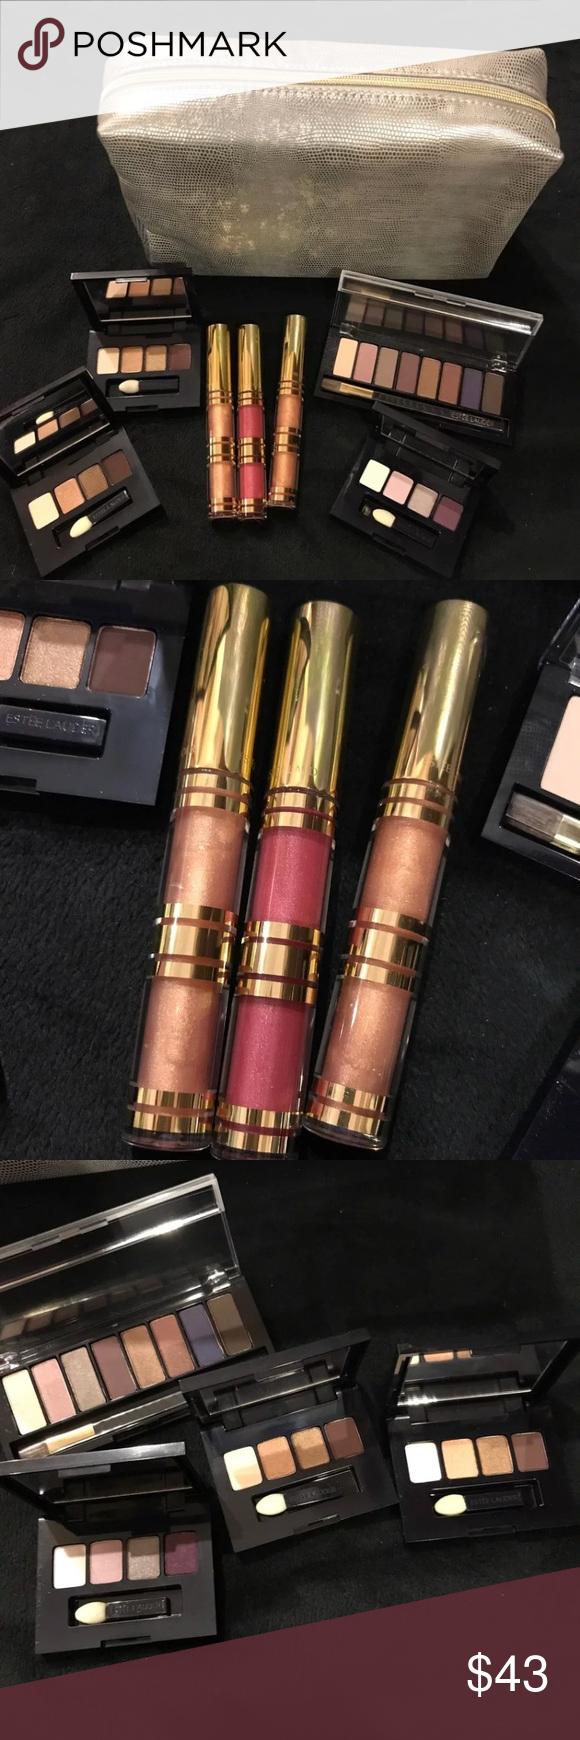 Estée Lauder Makeup bundle Makeup bundles, Estee lauder